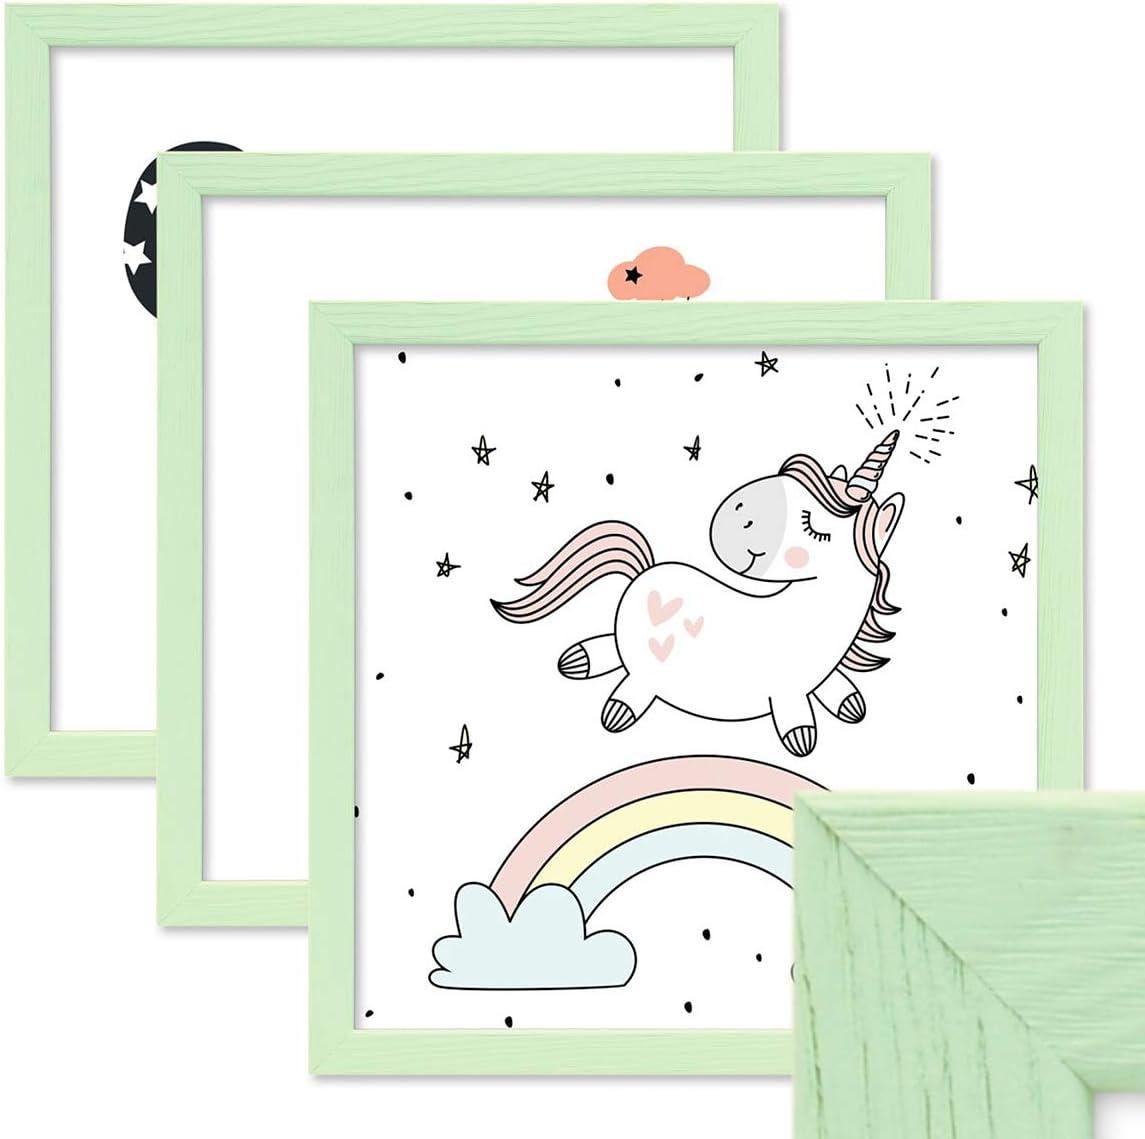 3er Set Bilder Kinderbild Wandbild Tiere Bilderrahmen Fotorahmen Holzrahmen Nr.0